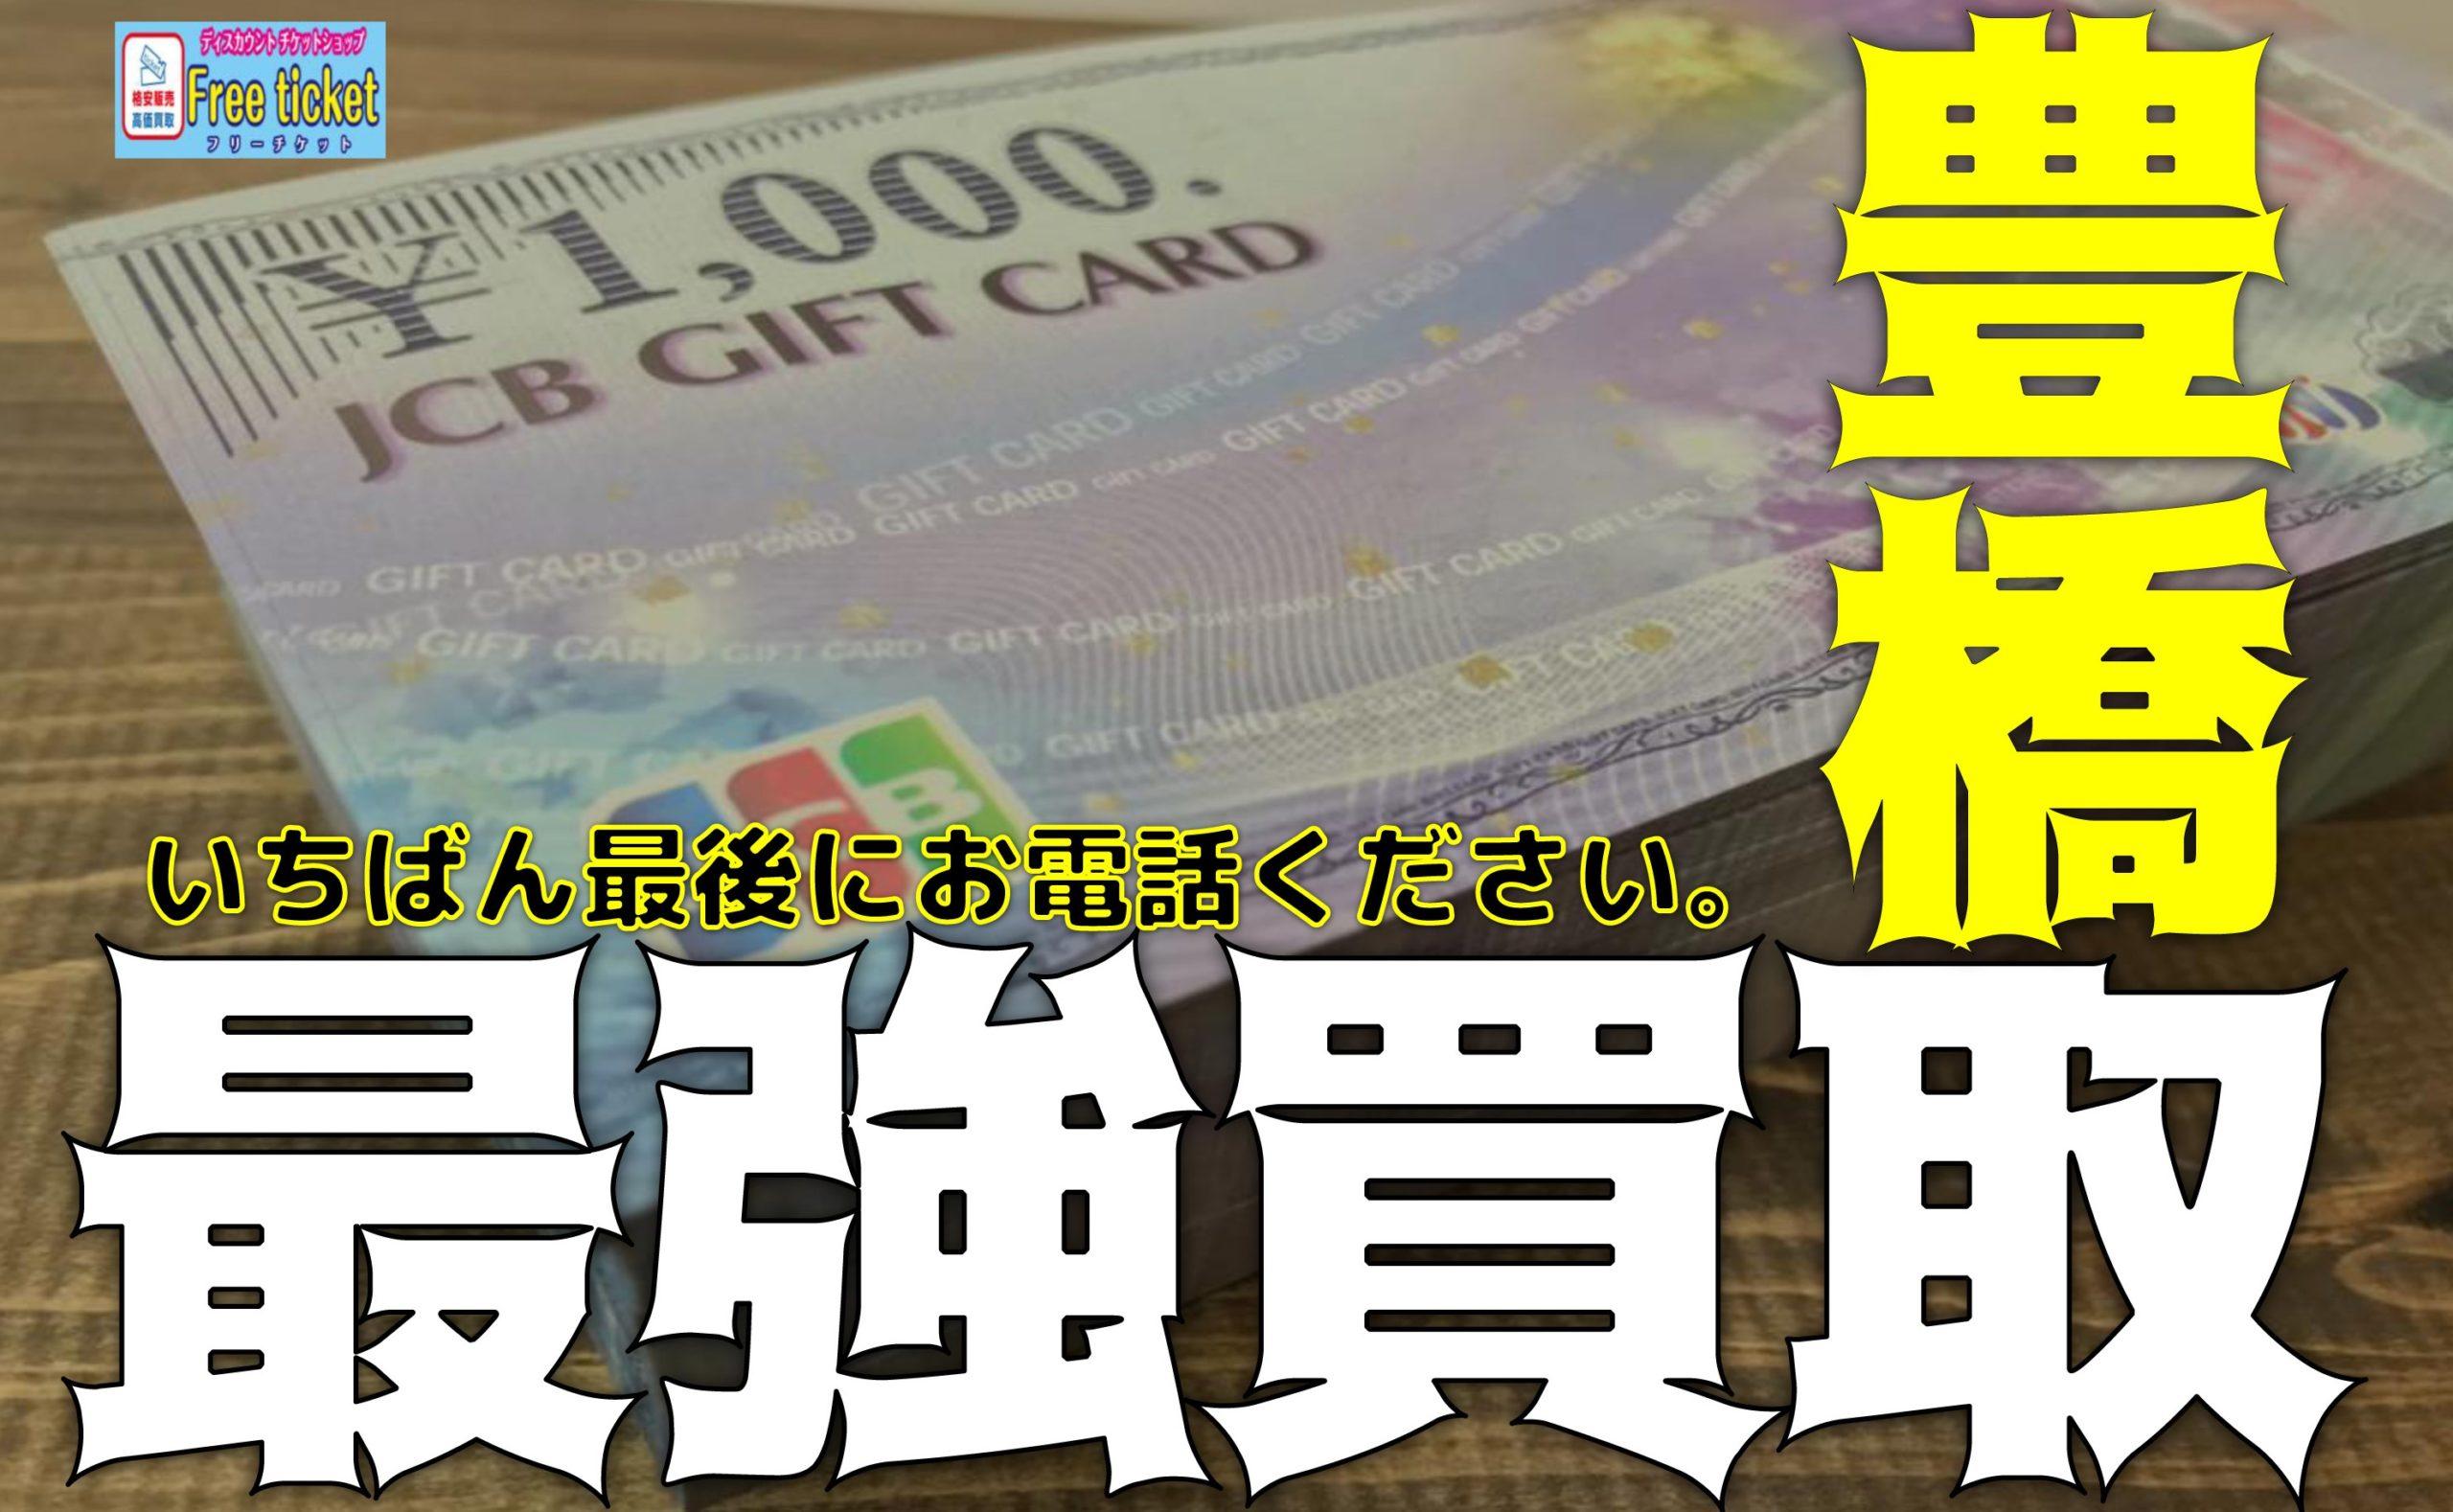 豊橋金券ショップフリーチケット |ギフトカード高価買取